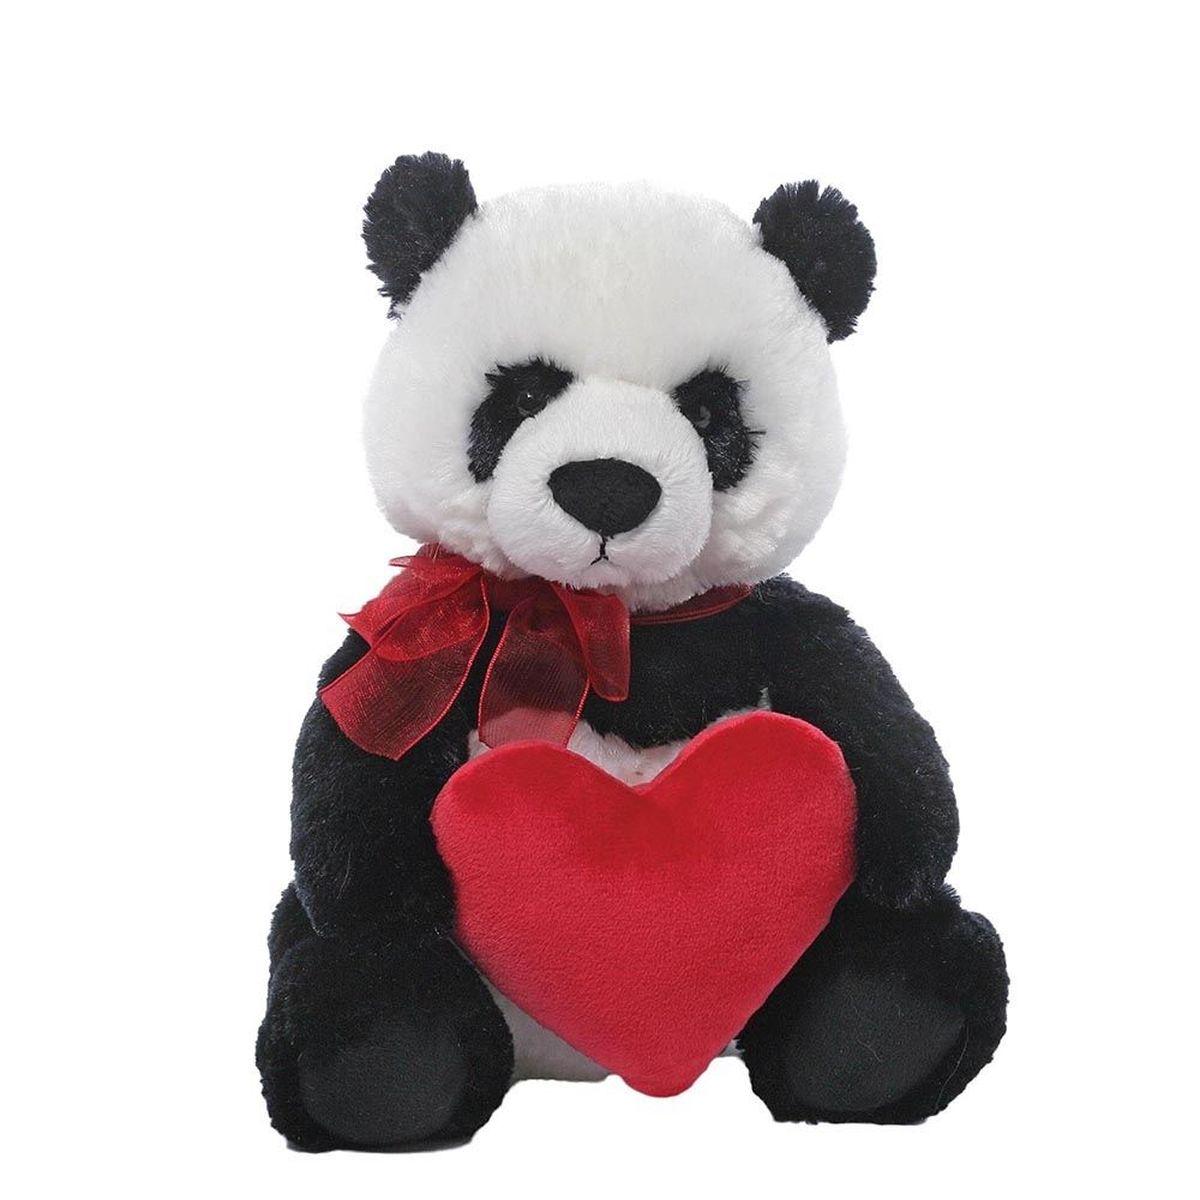 Купить Gund Мягкая игрушка Pandalove 21, 5 см, Enesco